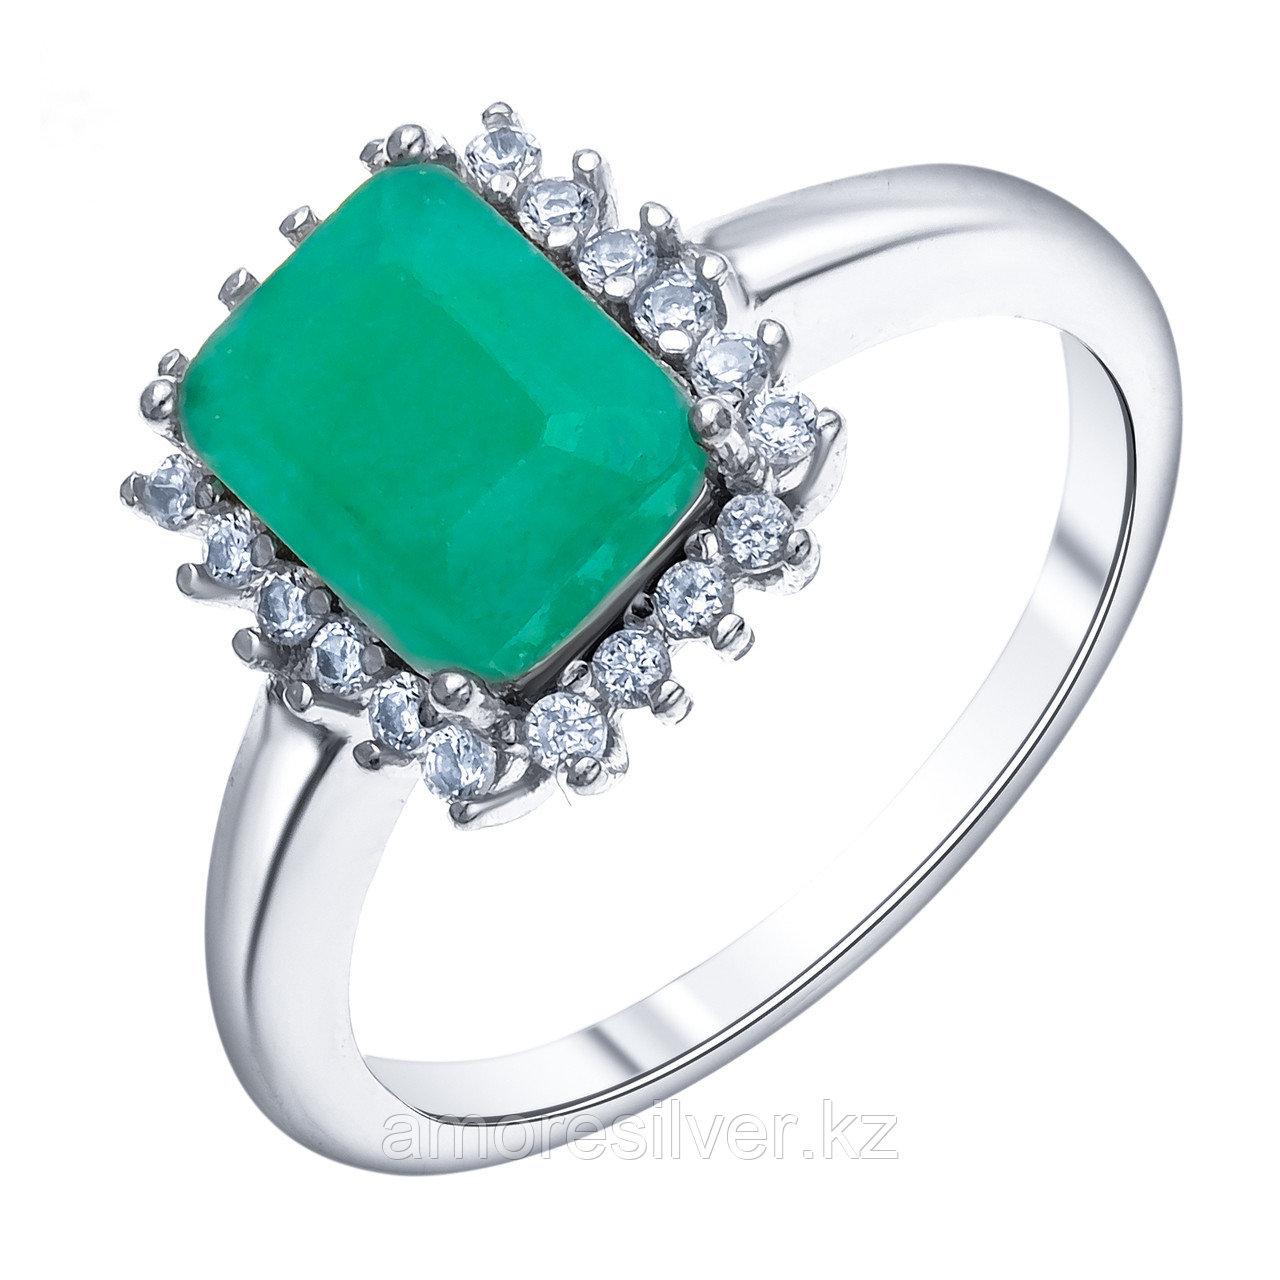 """Кольцо Teosa серебро с родием, изумруд фианит, """"halo"""" R-DRGR00686-EM размеры - 16,5"""